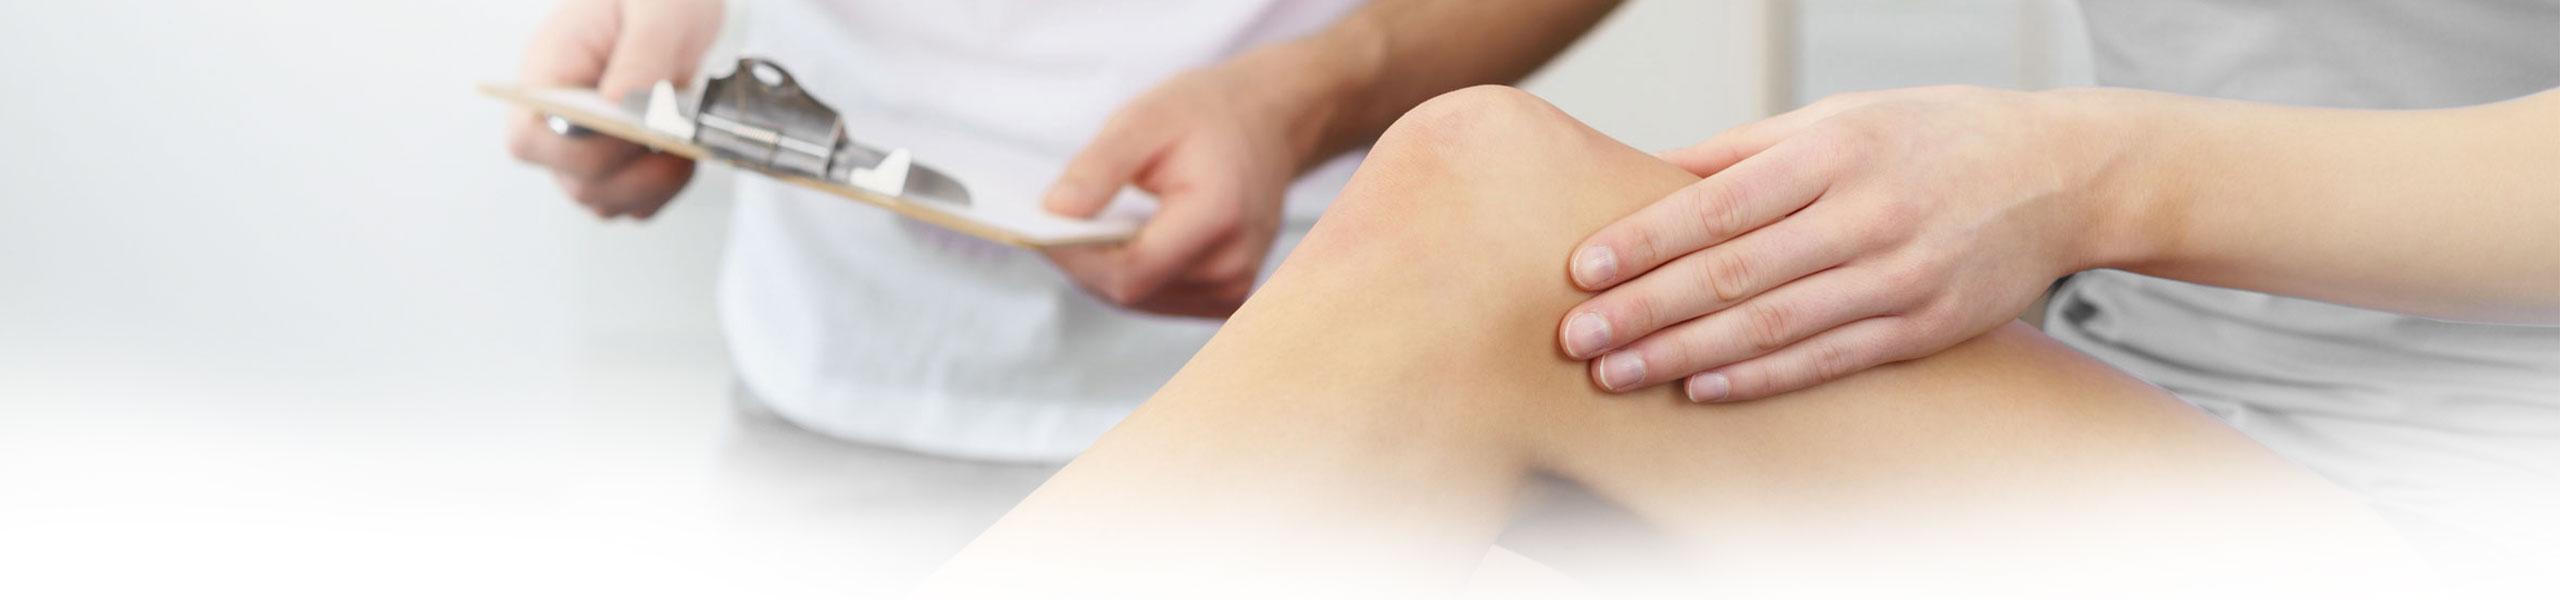 sportopaedie heidelberg endoprothetik knie header